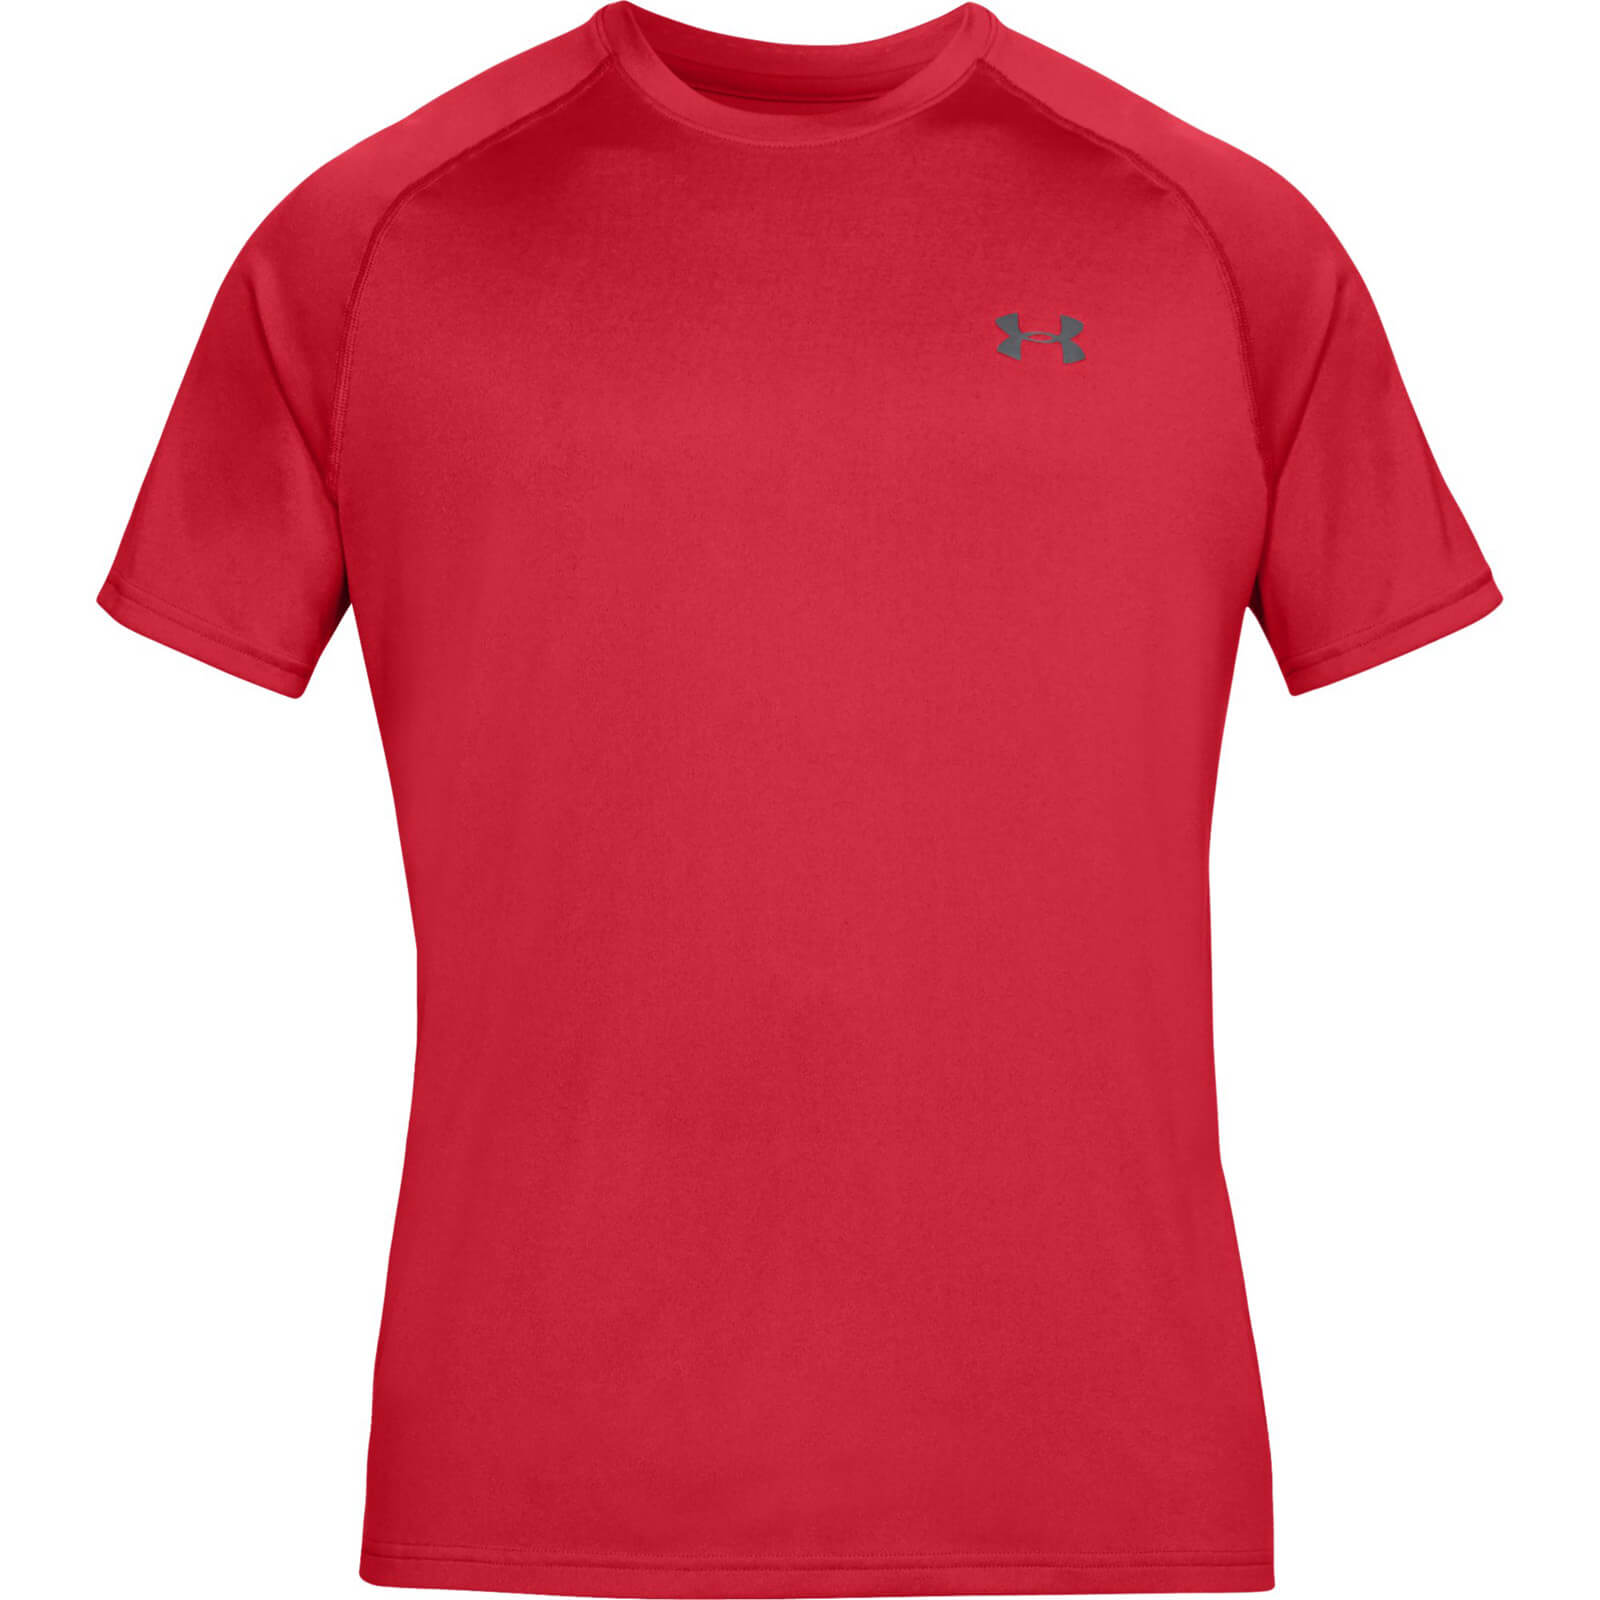 616b0b5baa2b Under Armour Men's Tech T-Shirt - Red   ProBikeKit.com